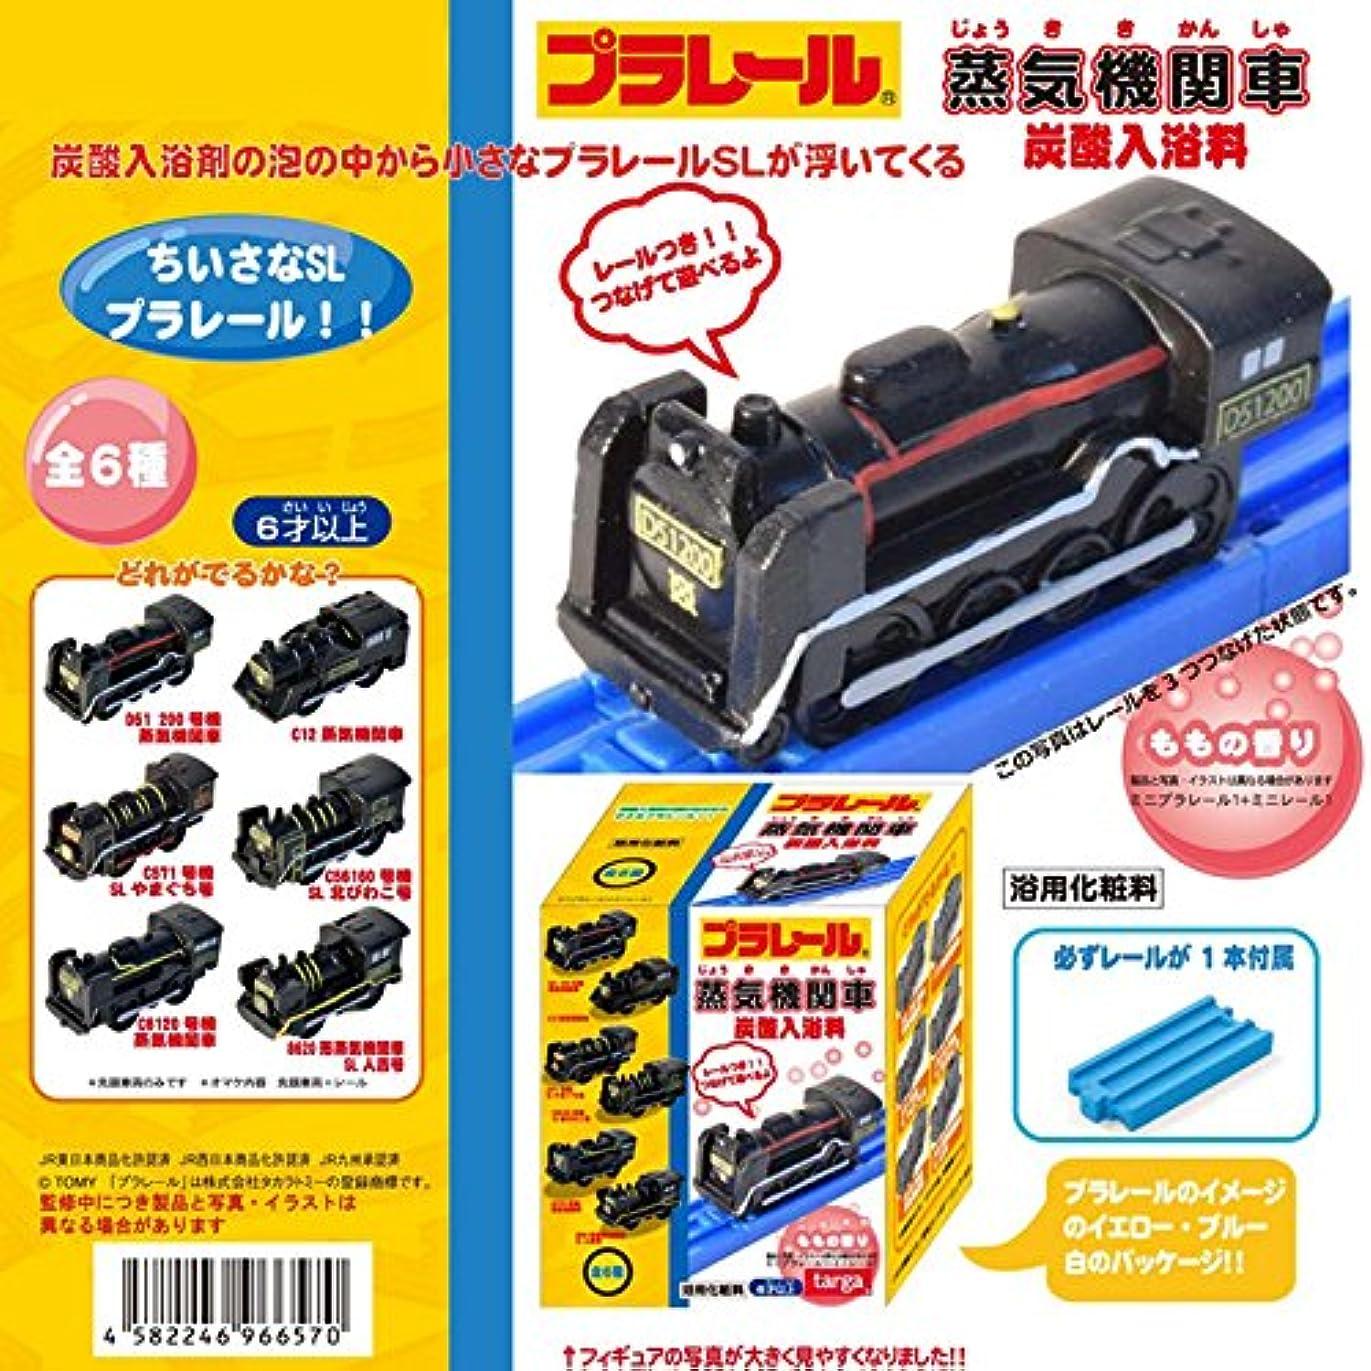 バラエティ小康棚プラレール 蒸気機関車 炭酸入浴料 6個1セット ももの香り レールつき機関車 入浴剤